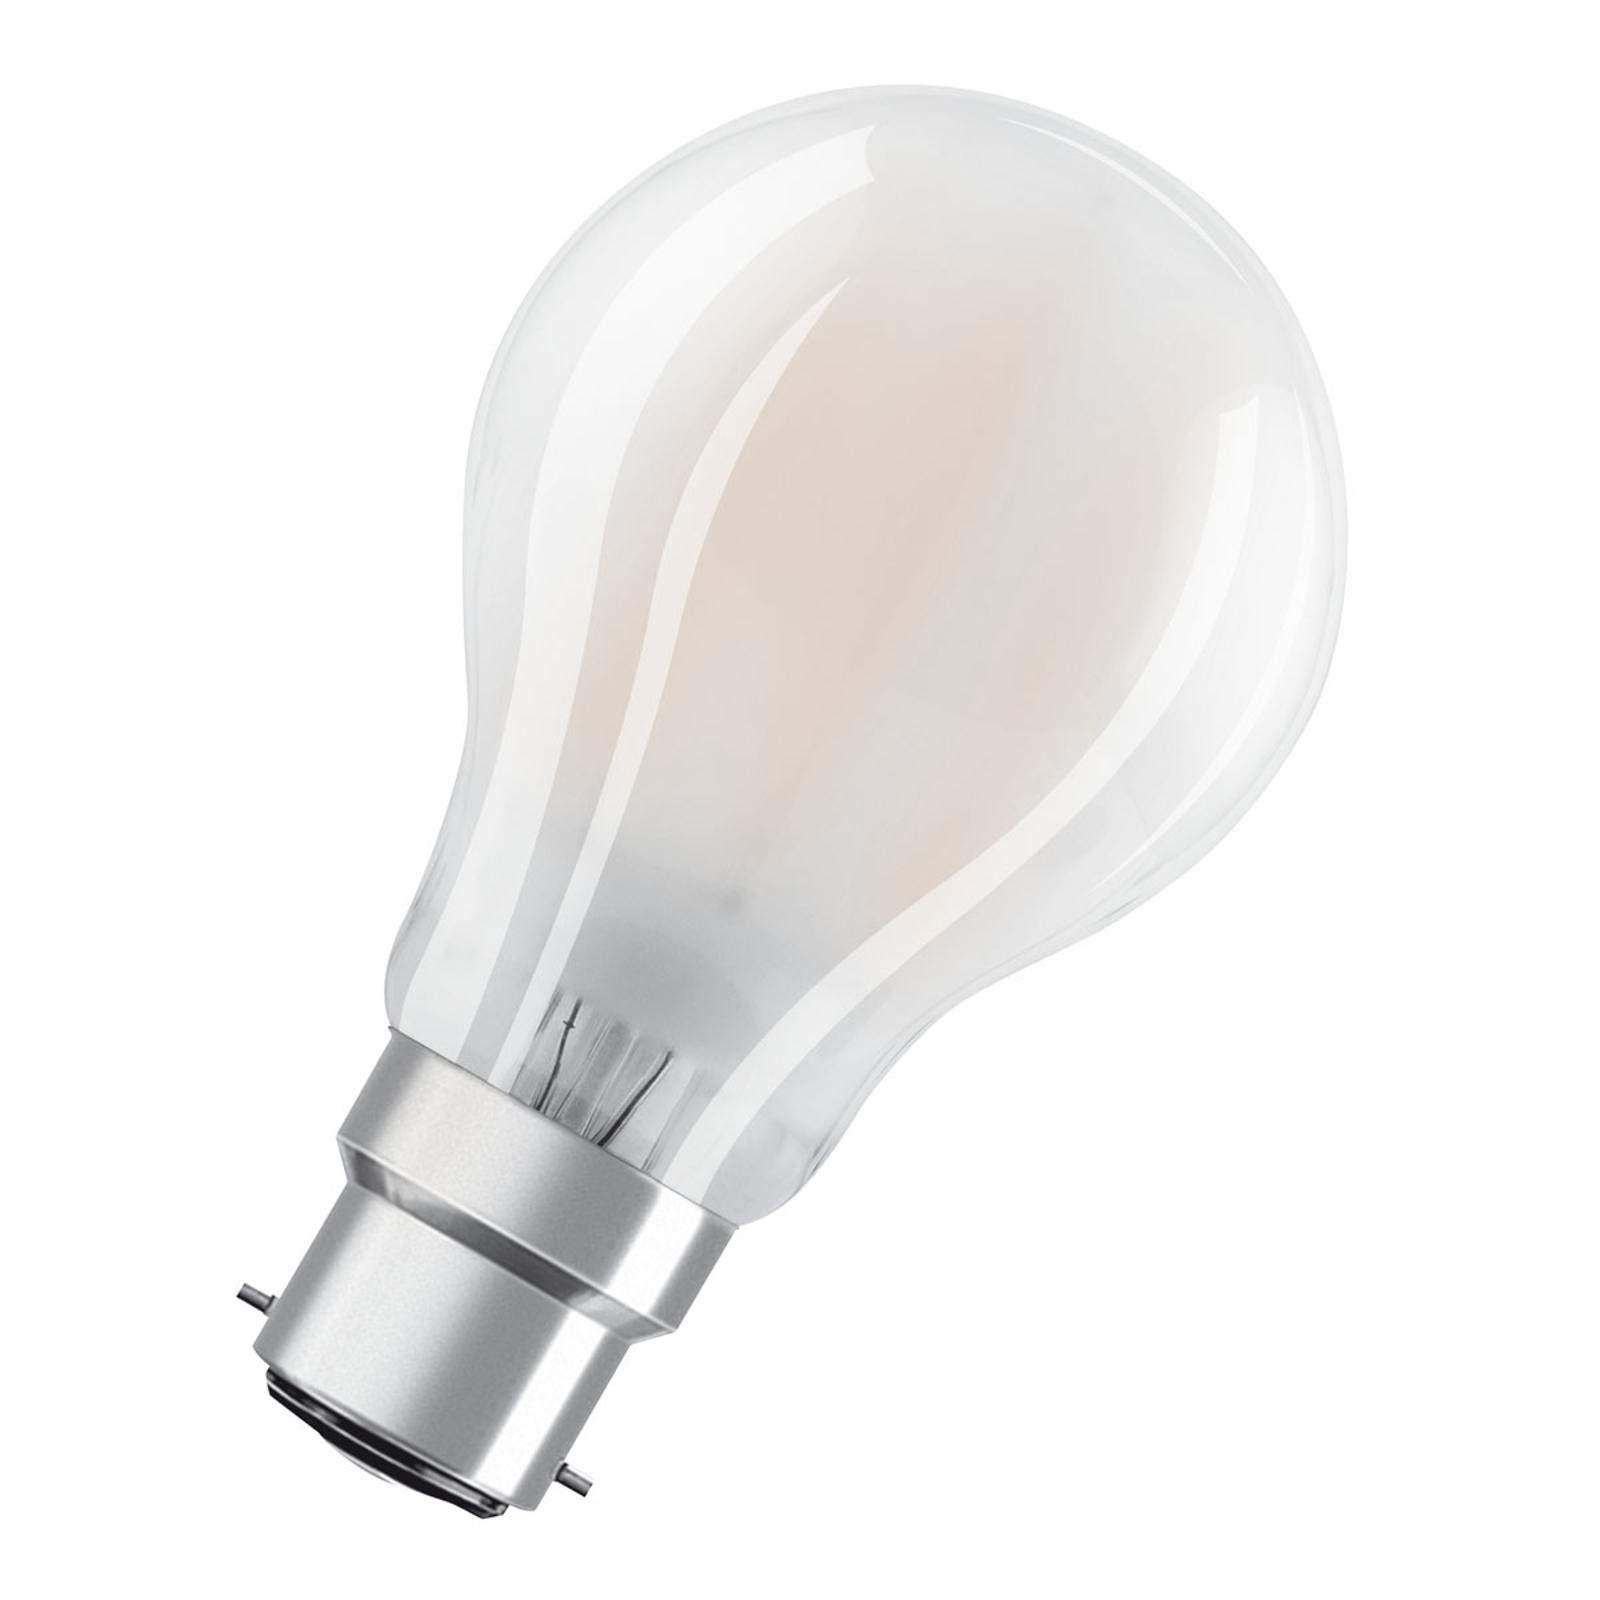 OSRAM-LED-lamppu B22d Classic A 11W 2 700 K matta